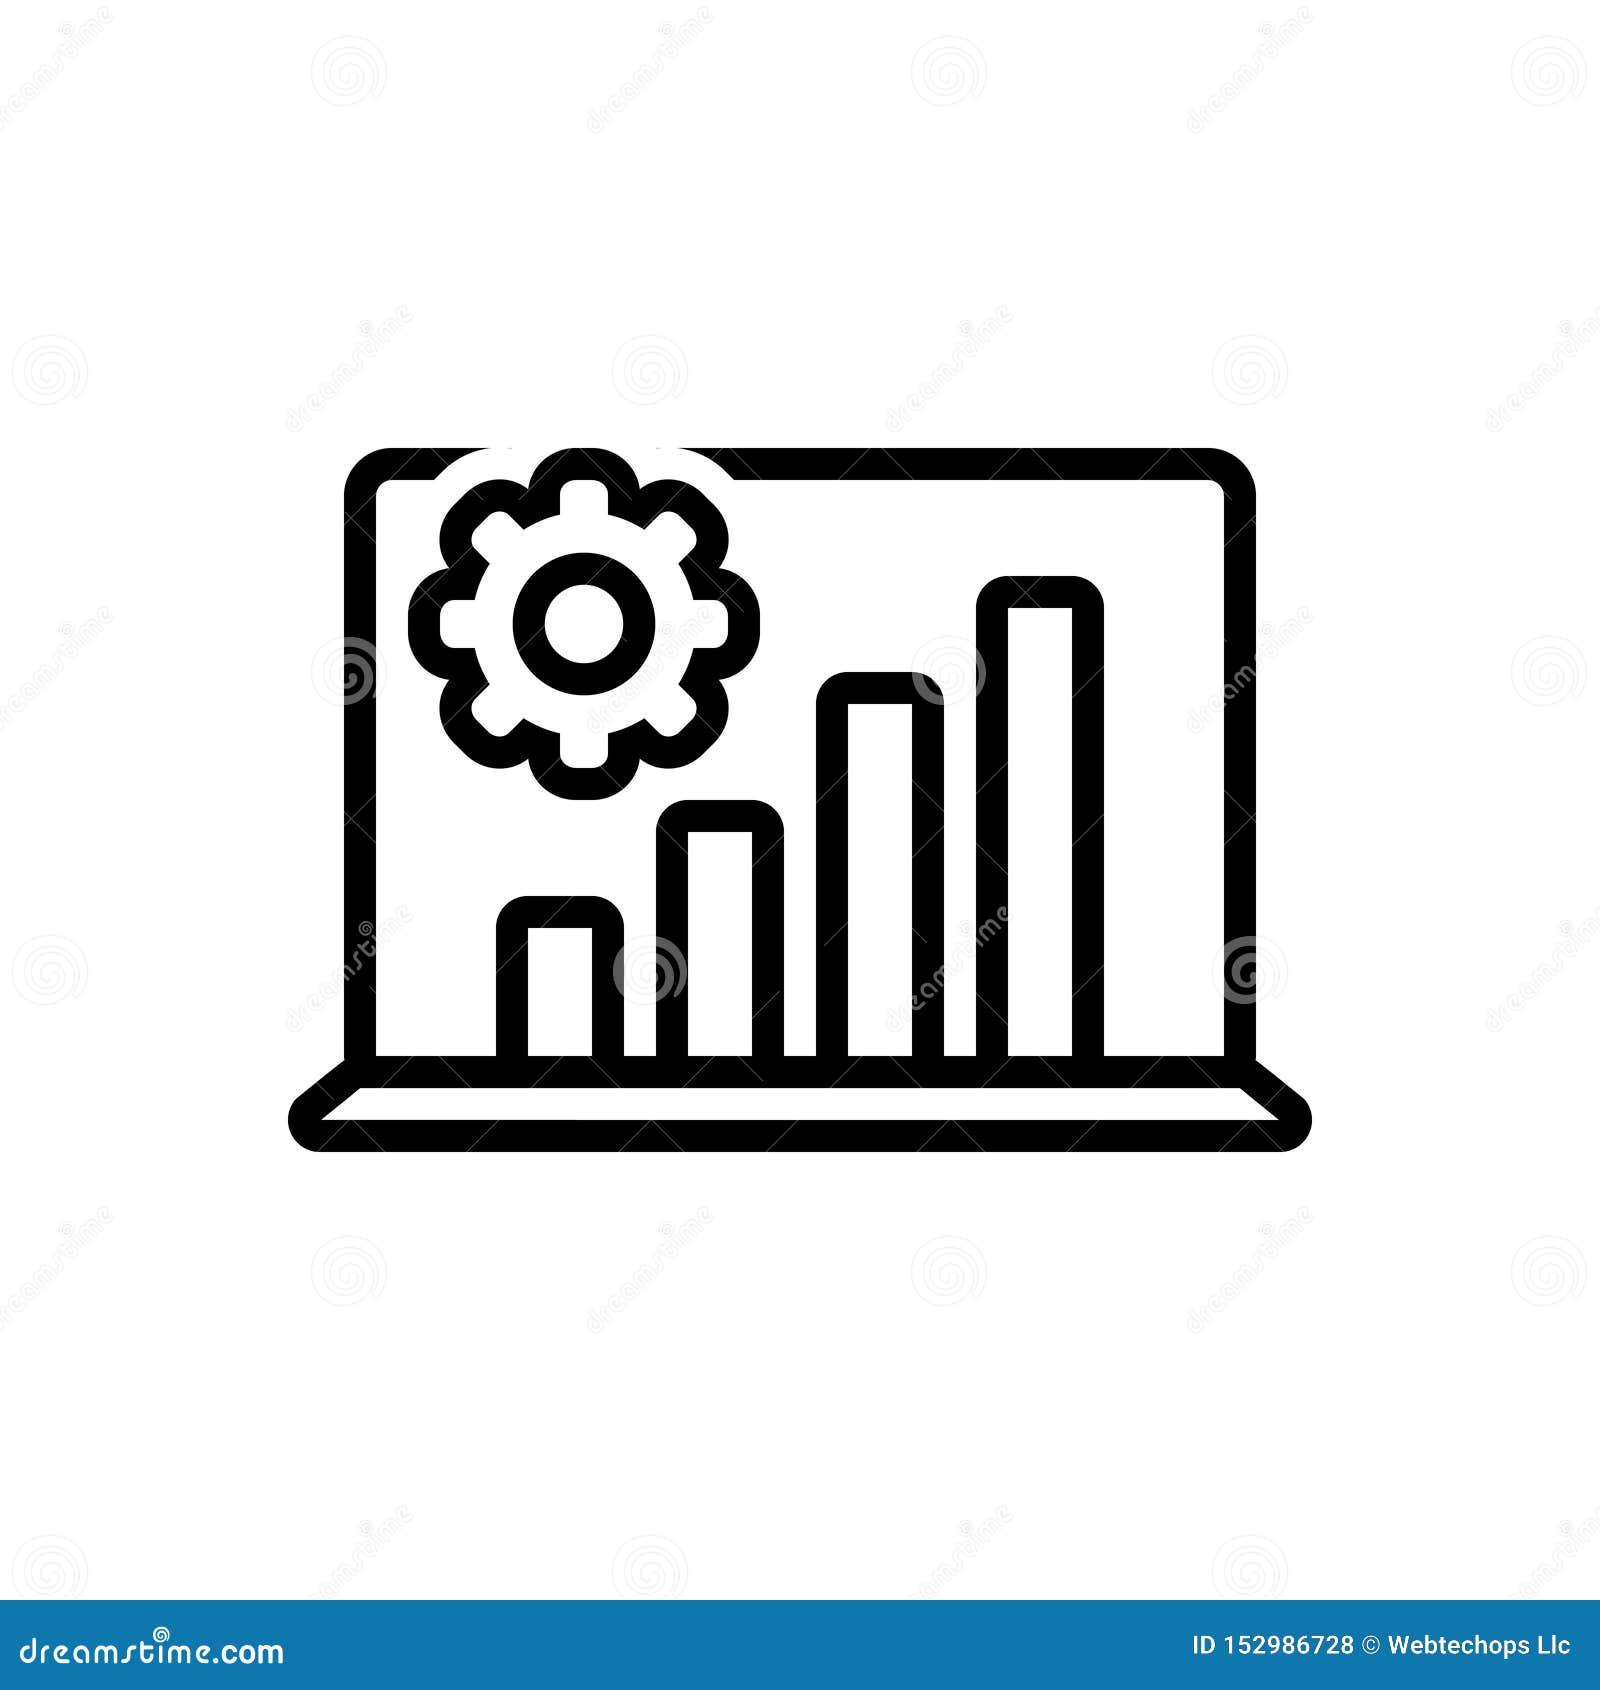 Schwarze Linie Ikone für Analyseprozeß, -laptop und -graphiken